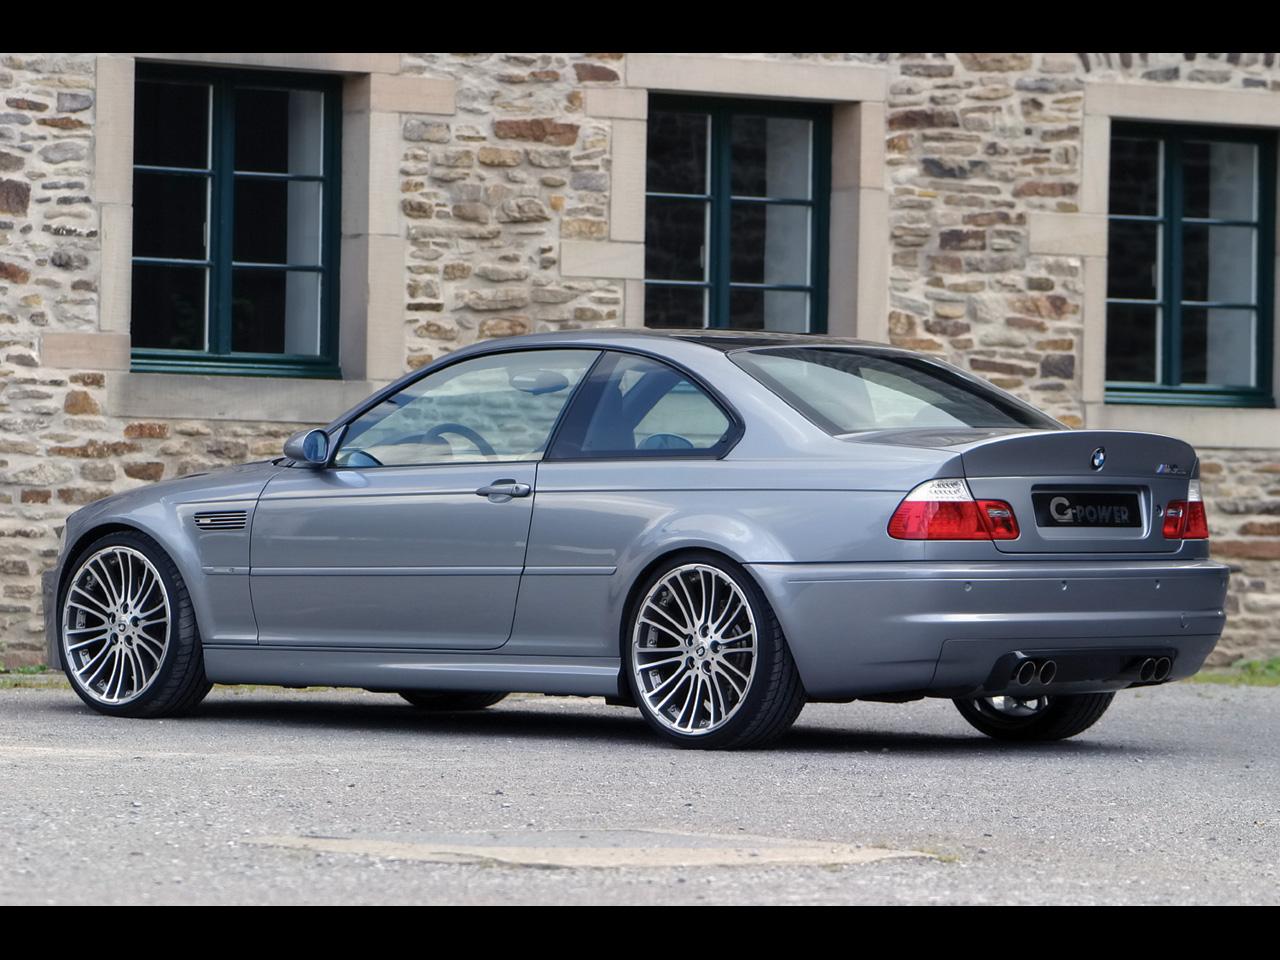 BMW G3 CSL V10 (E46) photo